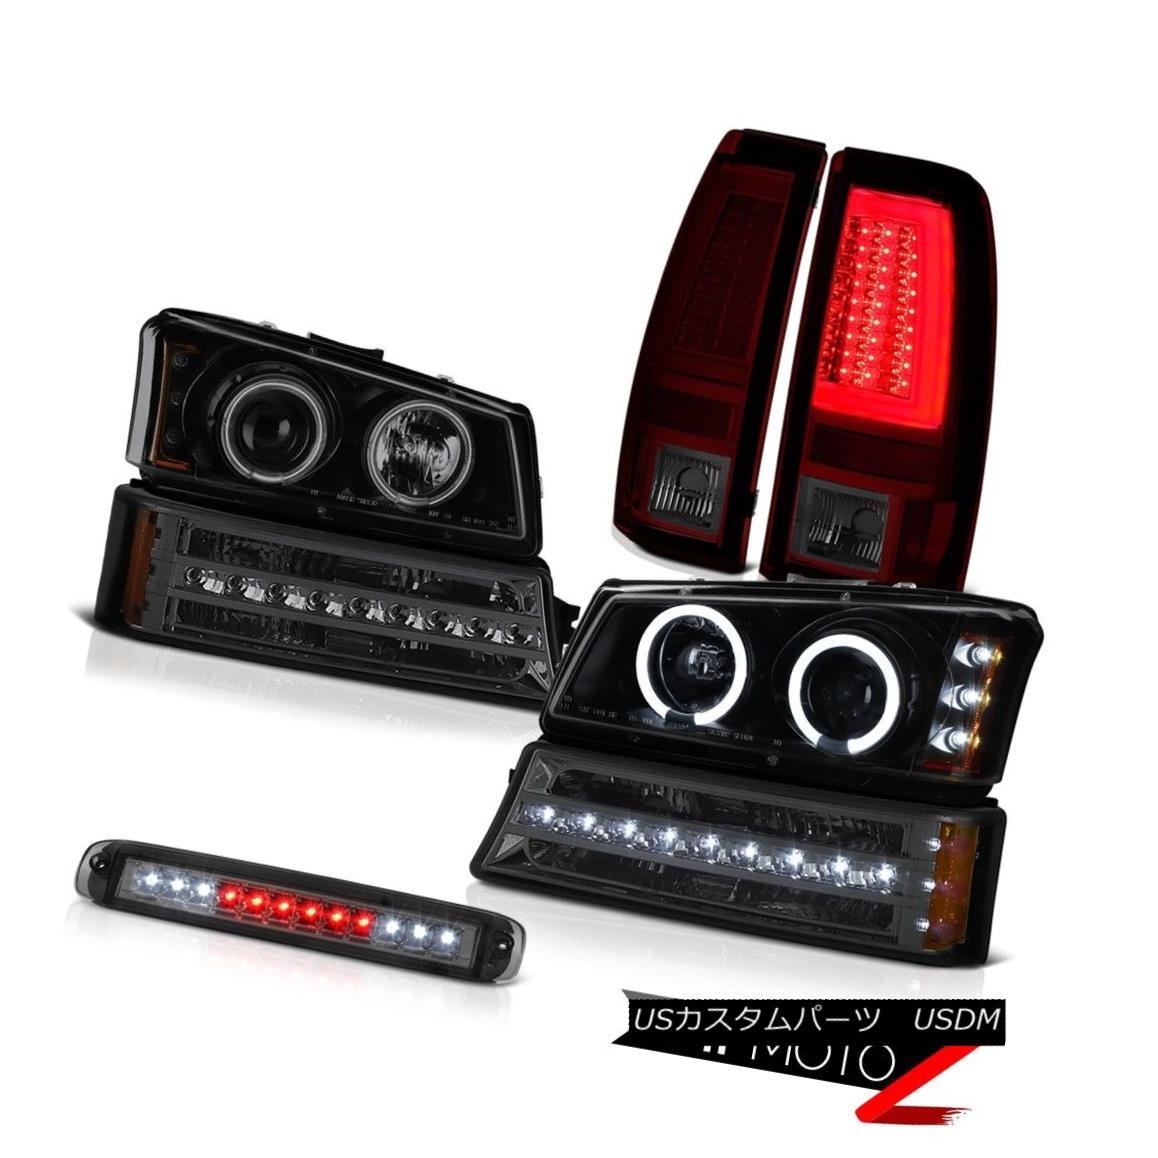 テールライト 03 04 05 06 Silverado Rear Brake Lights Third Light Bumper Headlights Light Bar 03 04 05 06 SilveradoリアブレーキライトThird Light Bumperヘッドライトライトバー